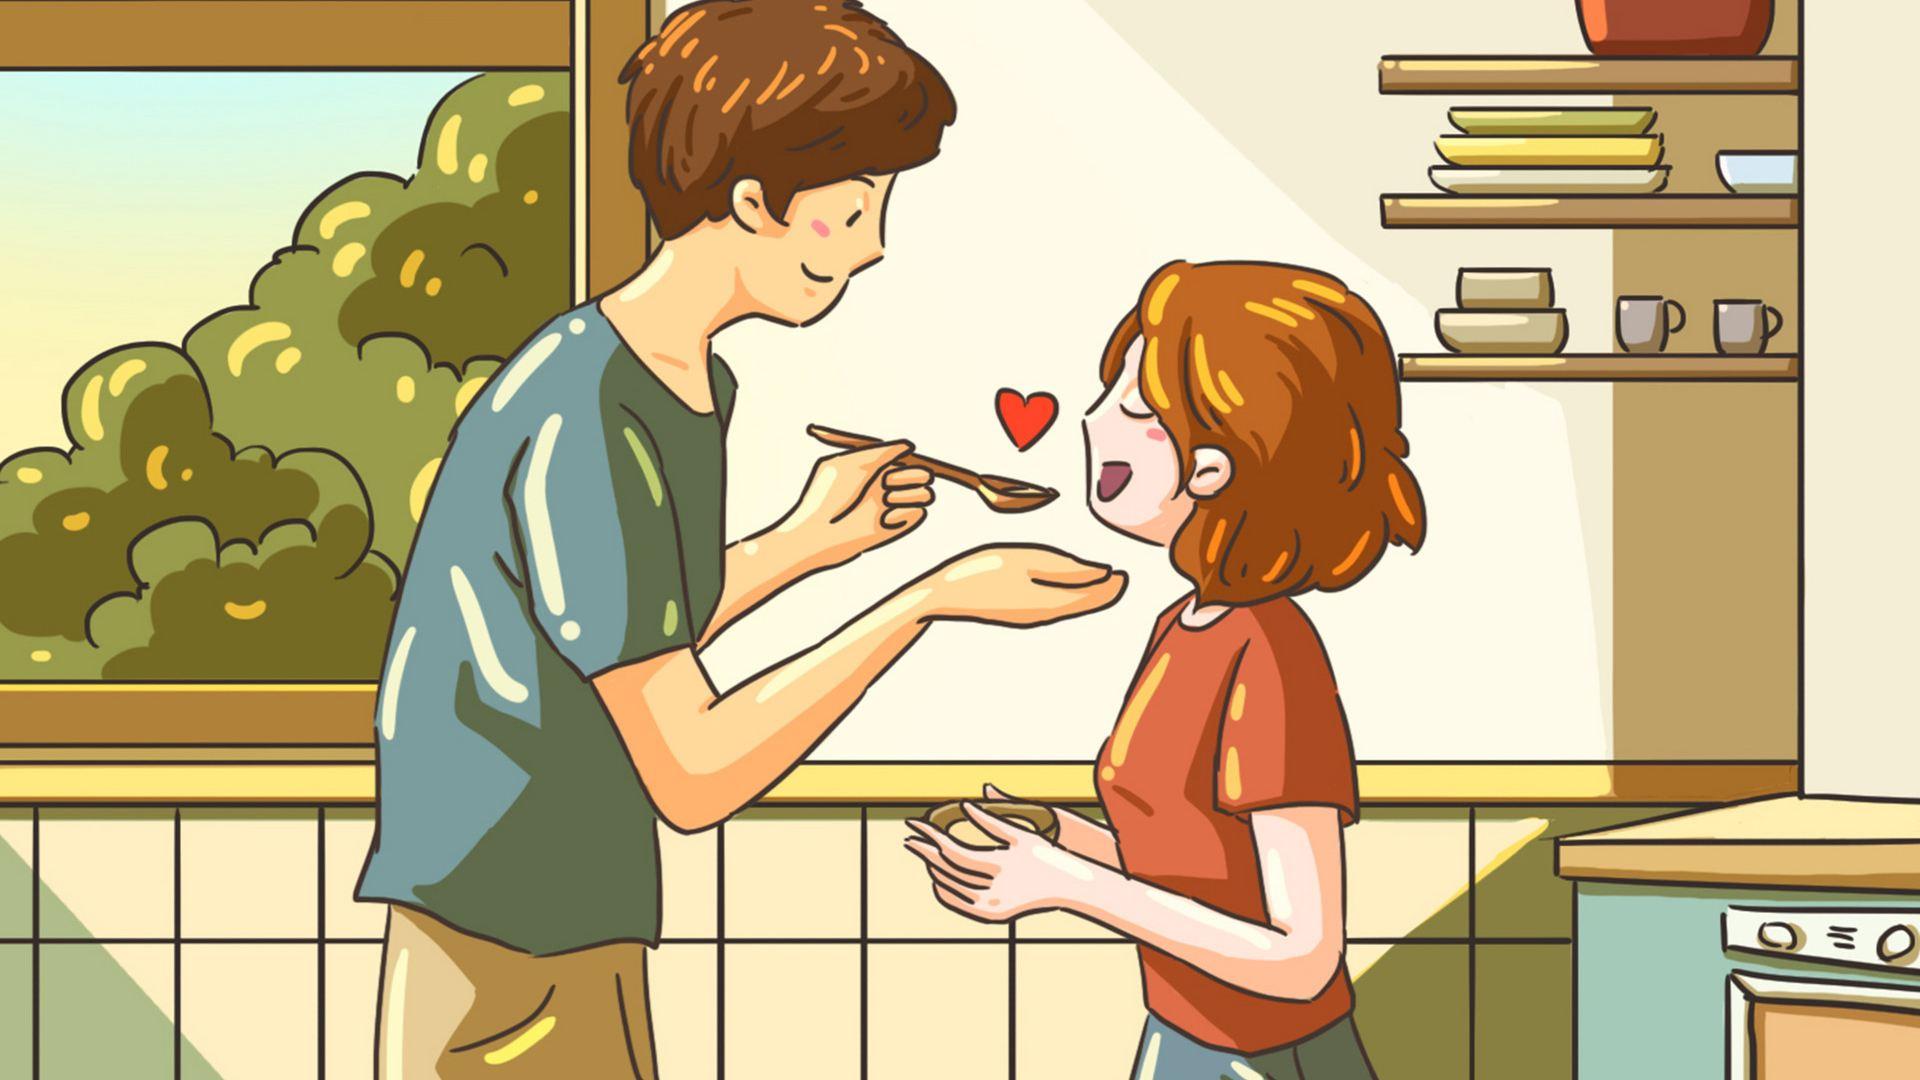 恋爱_他们值得珍惜,爱情里会非常体贴女友的三大星座男